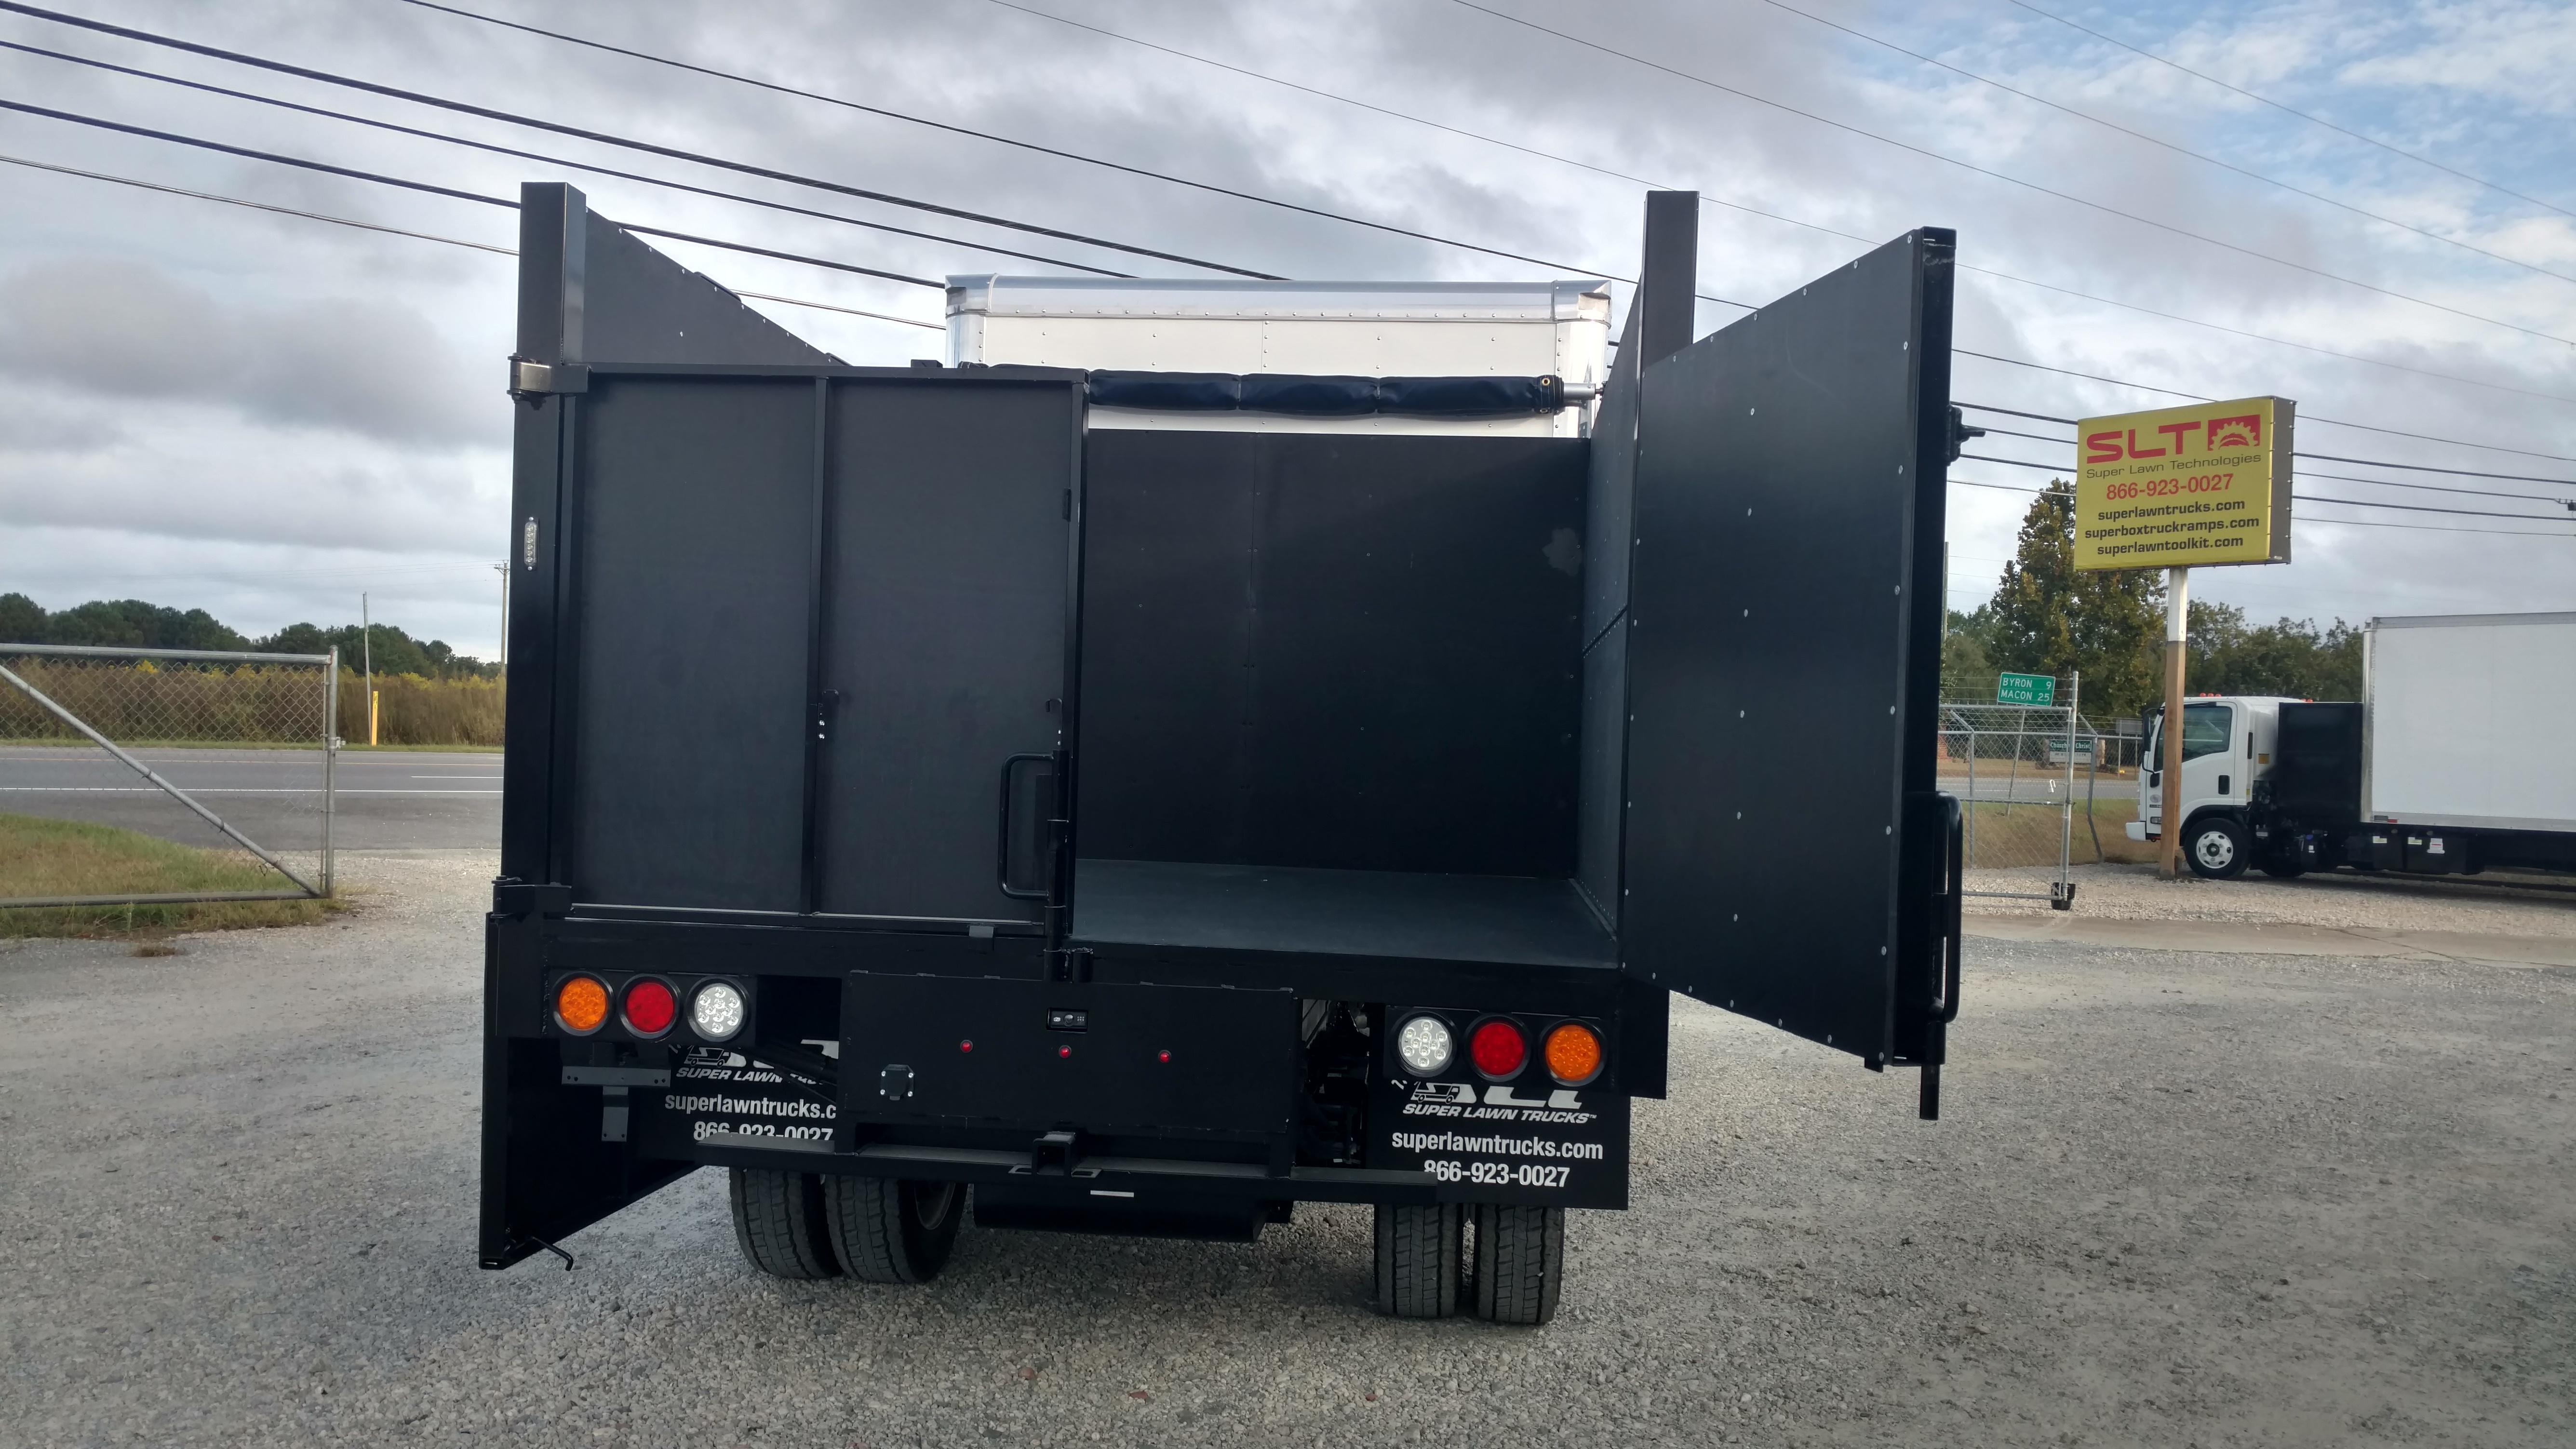 2018 Super Contractor Truck Used Super Lawn Trucks